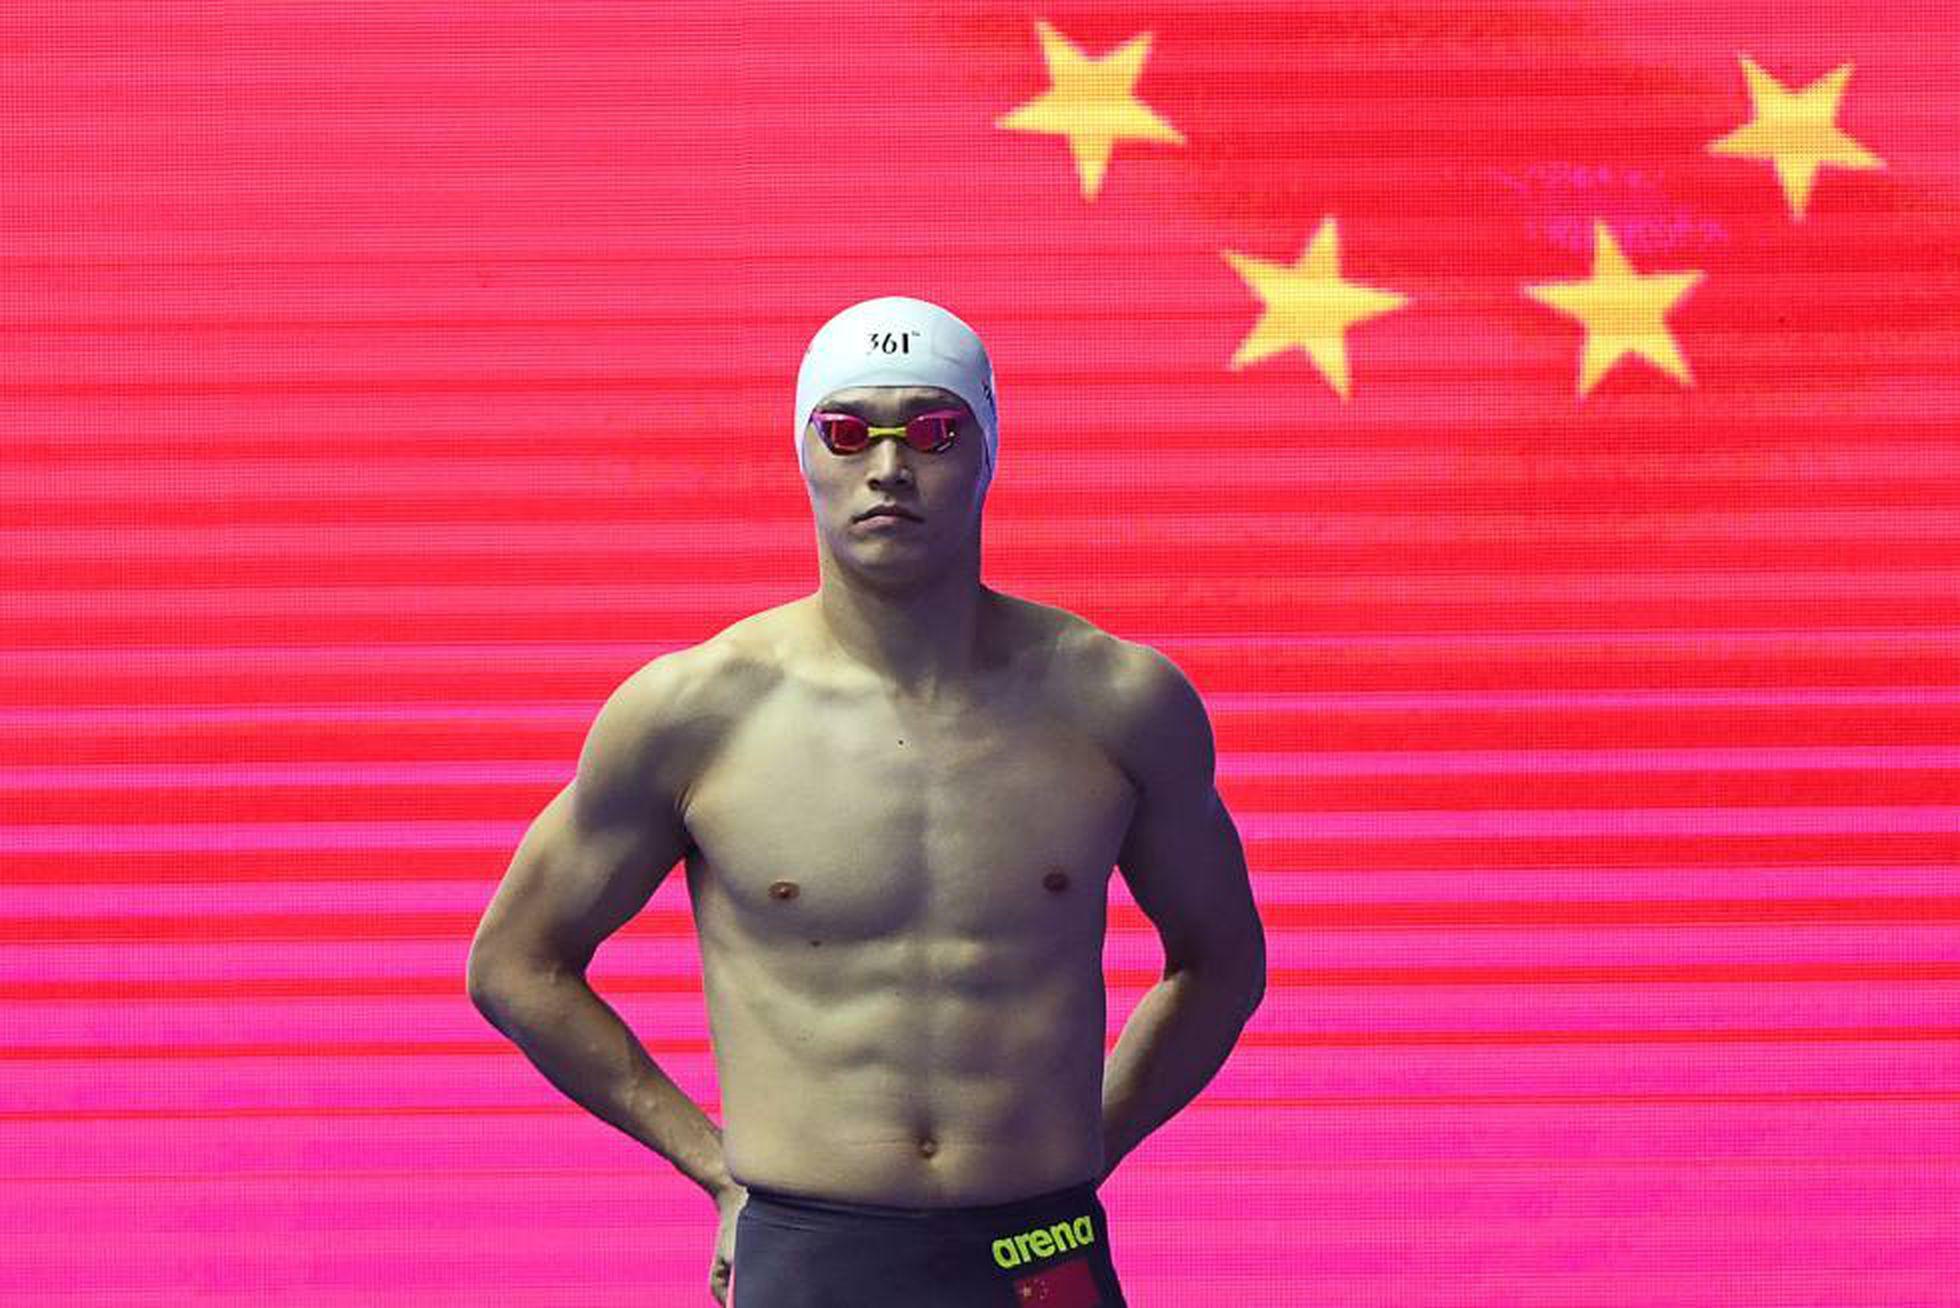 El TAS suspende ocho años al nadador Sun Yang por destruir una muestra  antidopaje a martillazos | Deportes | EL PAÍS